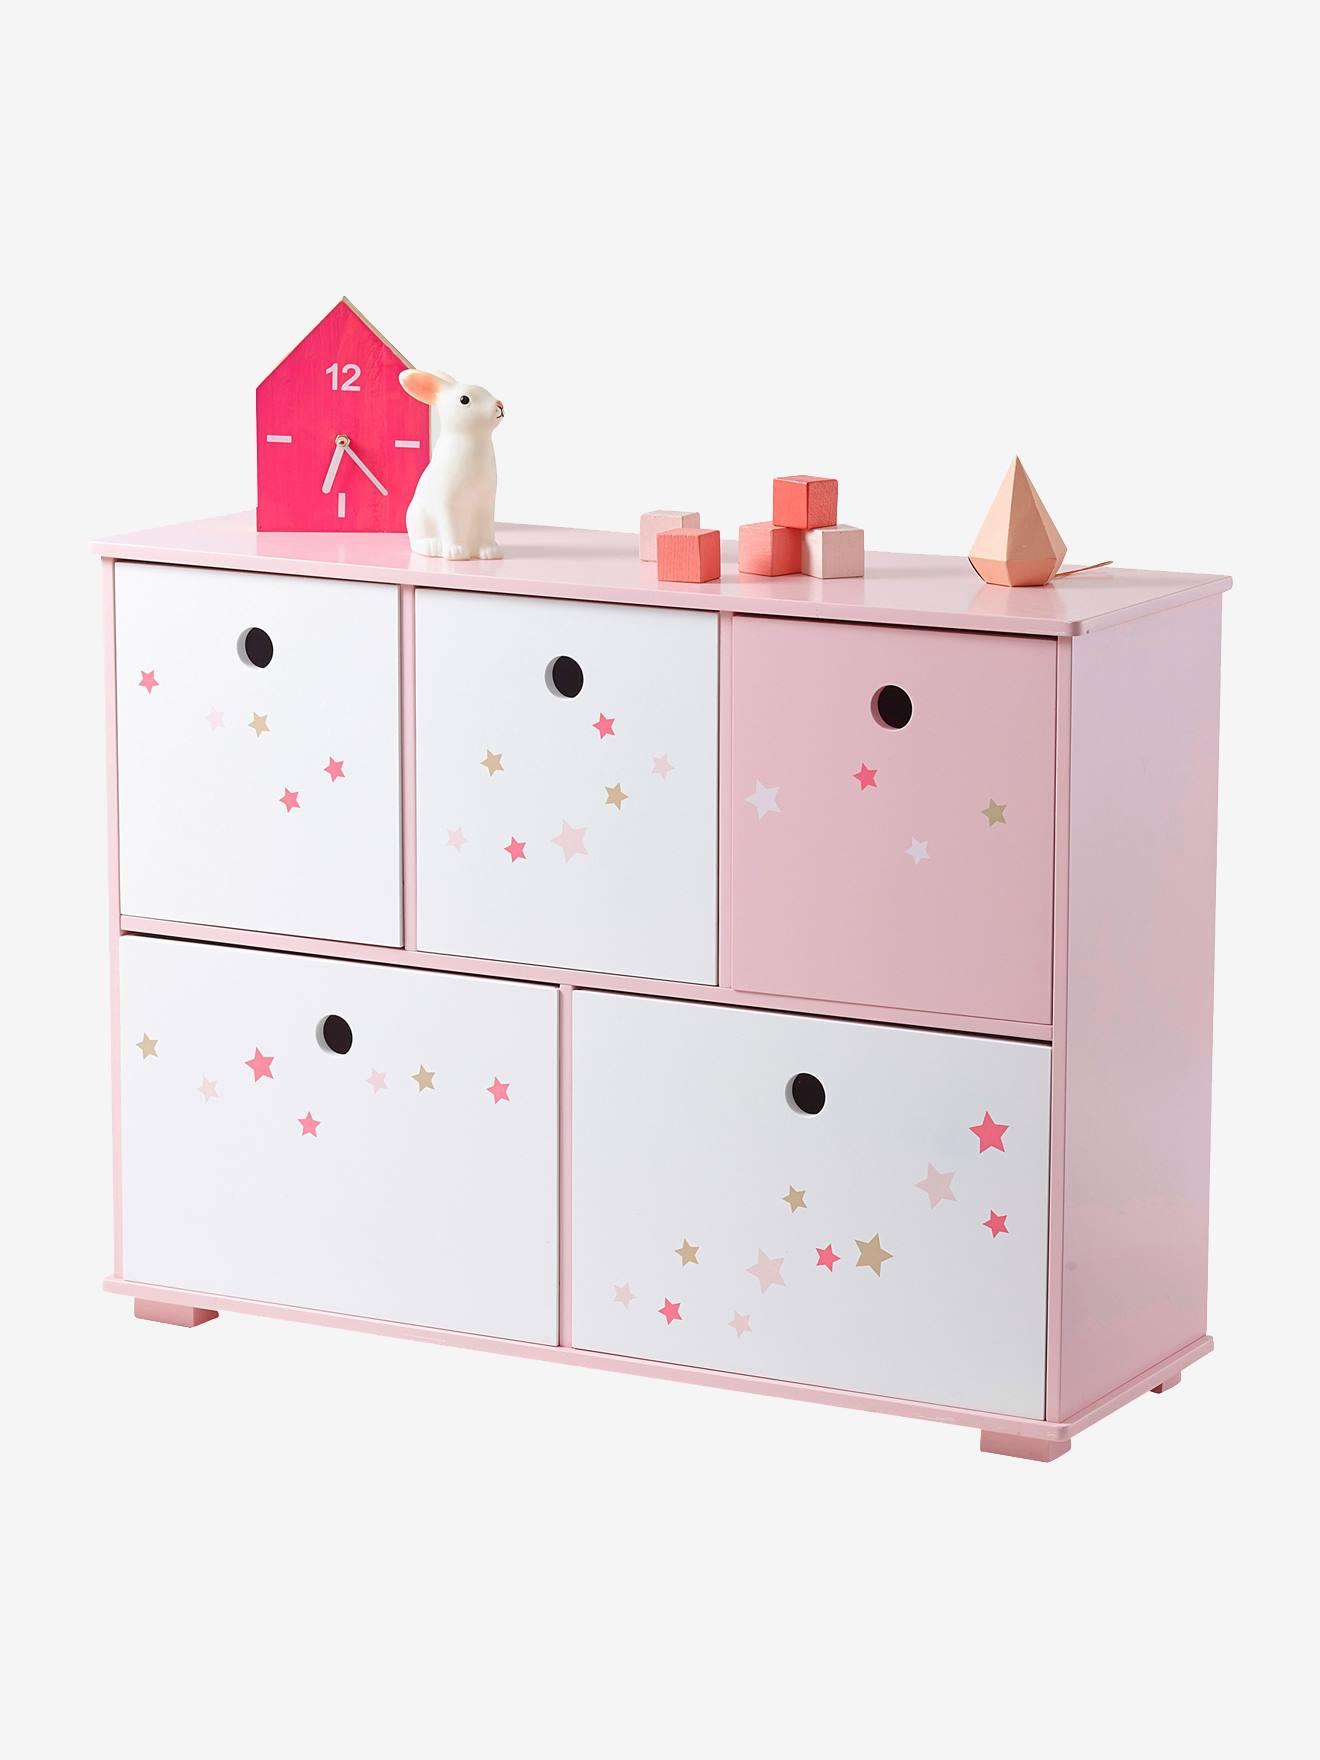 coffre a jouet vertbaudet free coffre jouets chiffres et lettres avec stickers terre de nuit. Black Bedroom Furniture Sets. Home Design Ideas